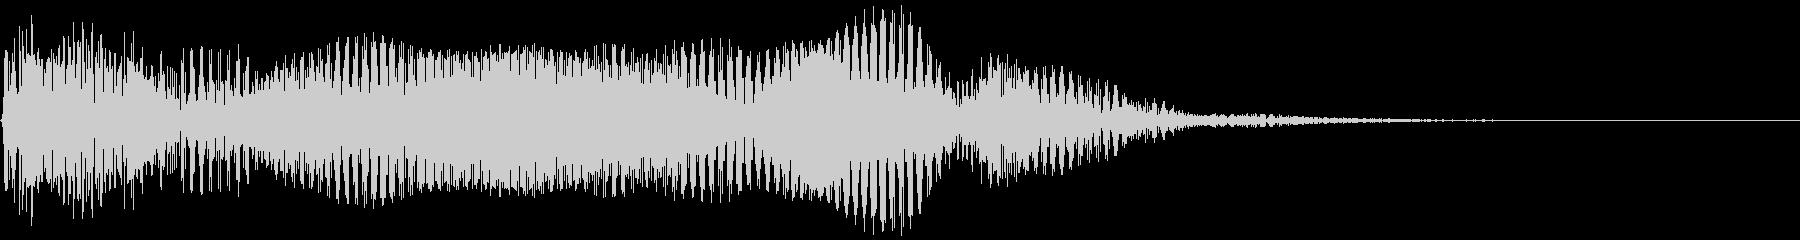 ブーン 映画の予告など(インパクト音)の未再生の波形